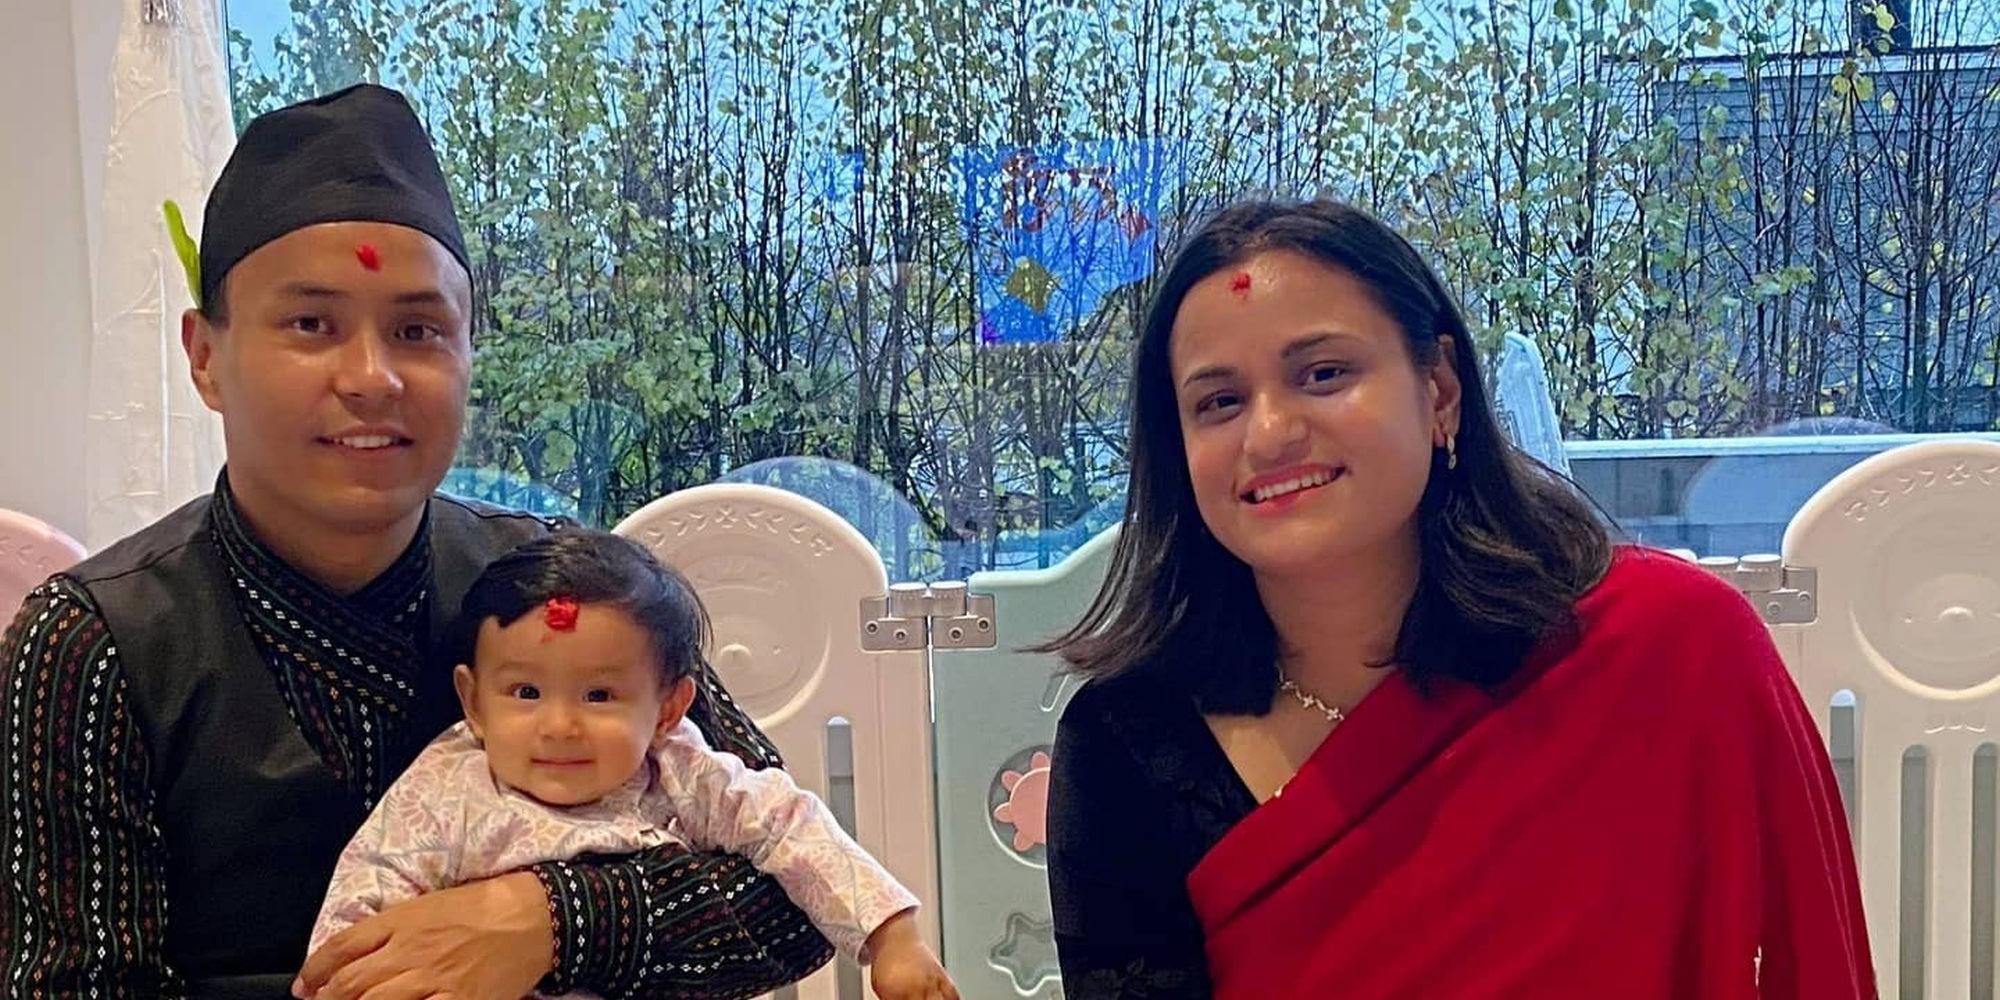 Santosh, Quree, and little Luniva celebrating the Dashain festival in traditional Newari attire.